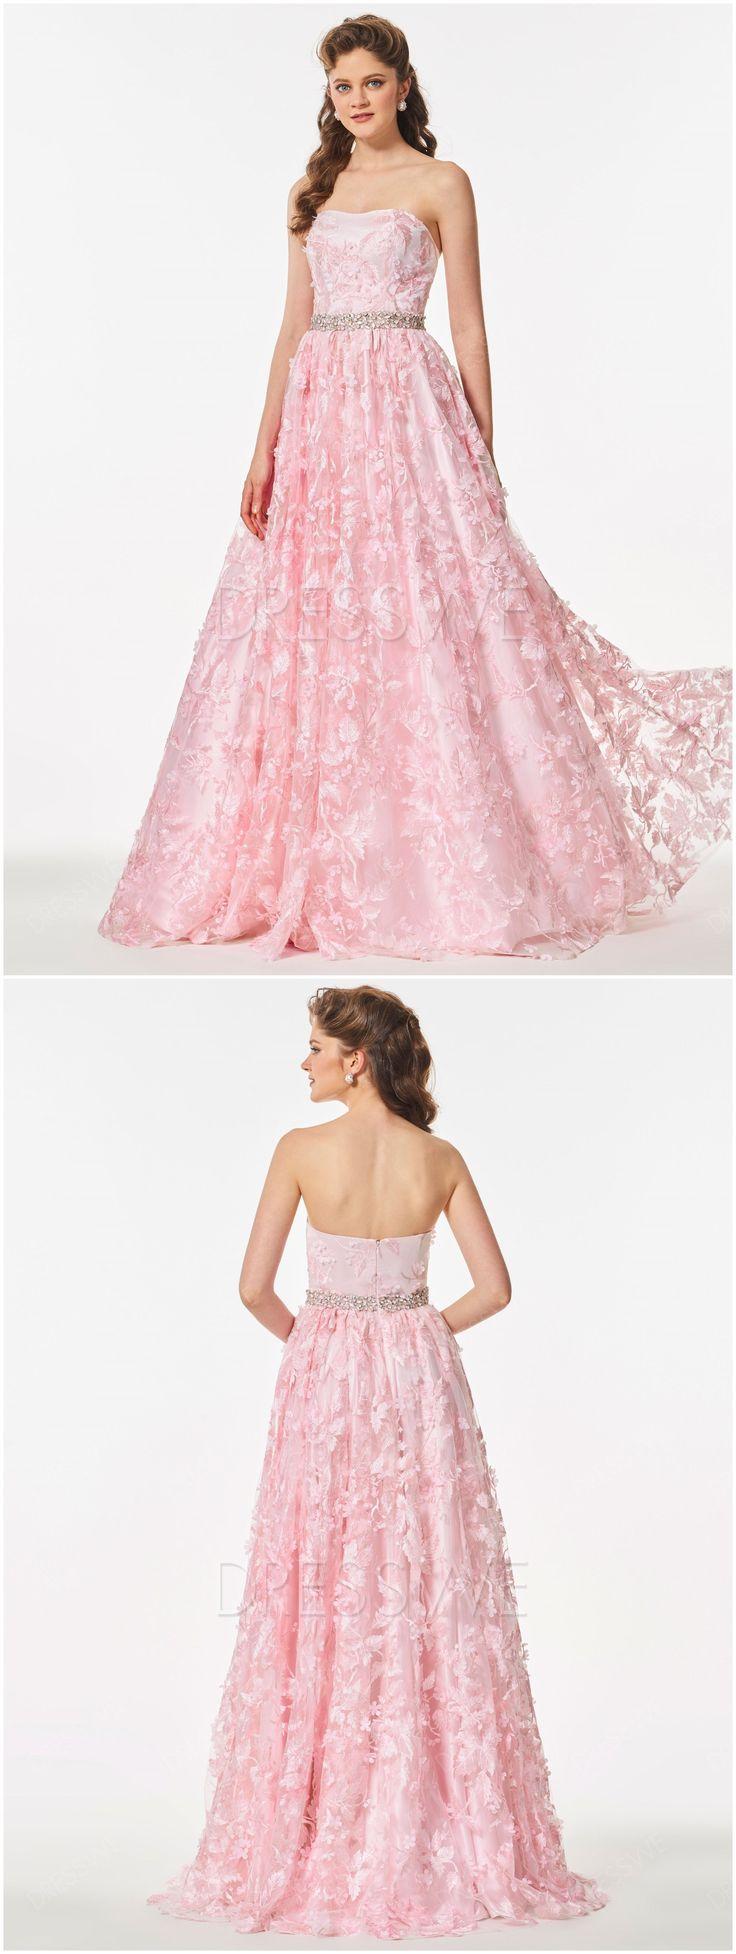 Asombroso Vestidos De Fiesta Cortos Bajo 200 Regalo - Colección de ...